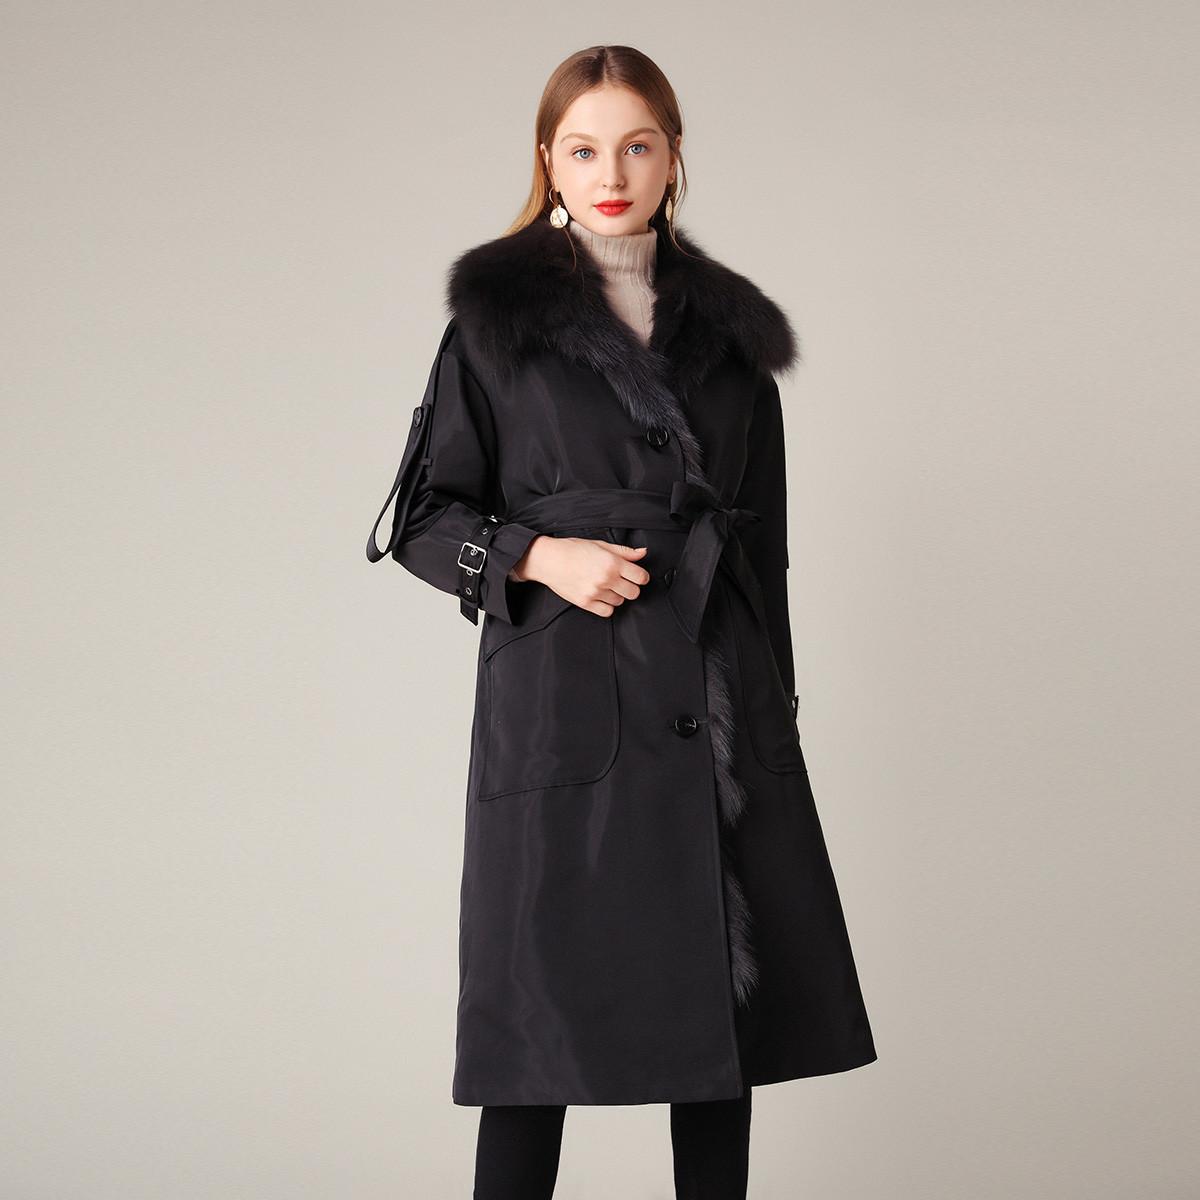 歌璐19年秋冬新款时尚宽松派克服皮草内胆狐狸毛尼克服外套女GXS12596899